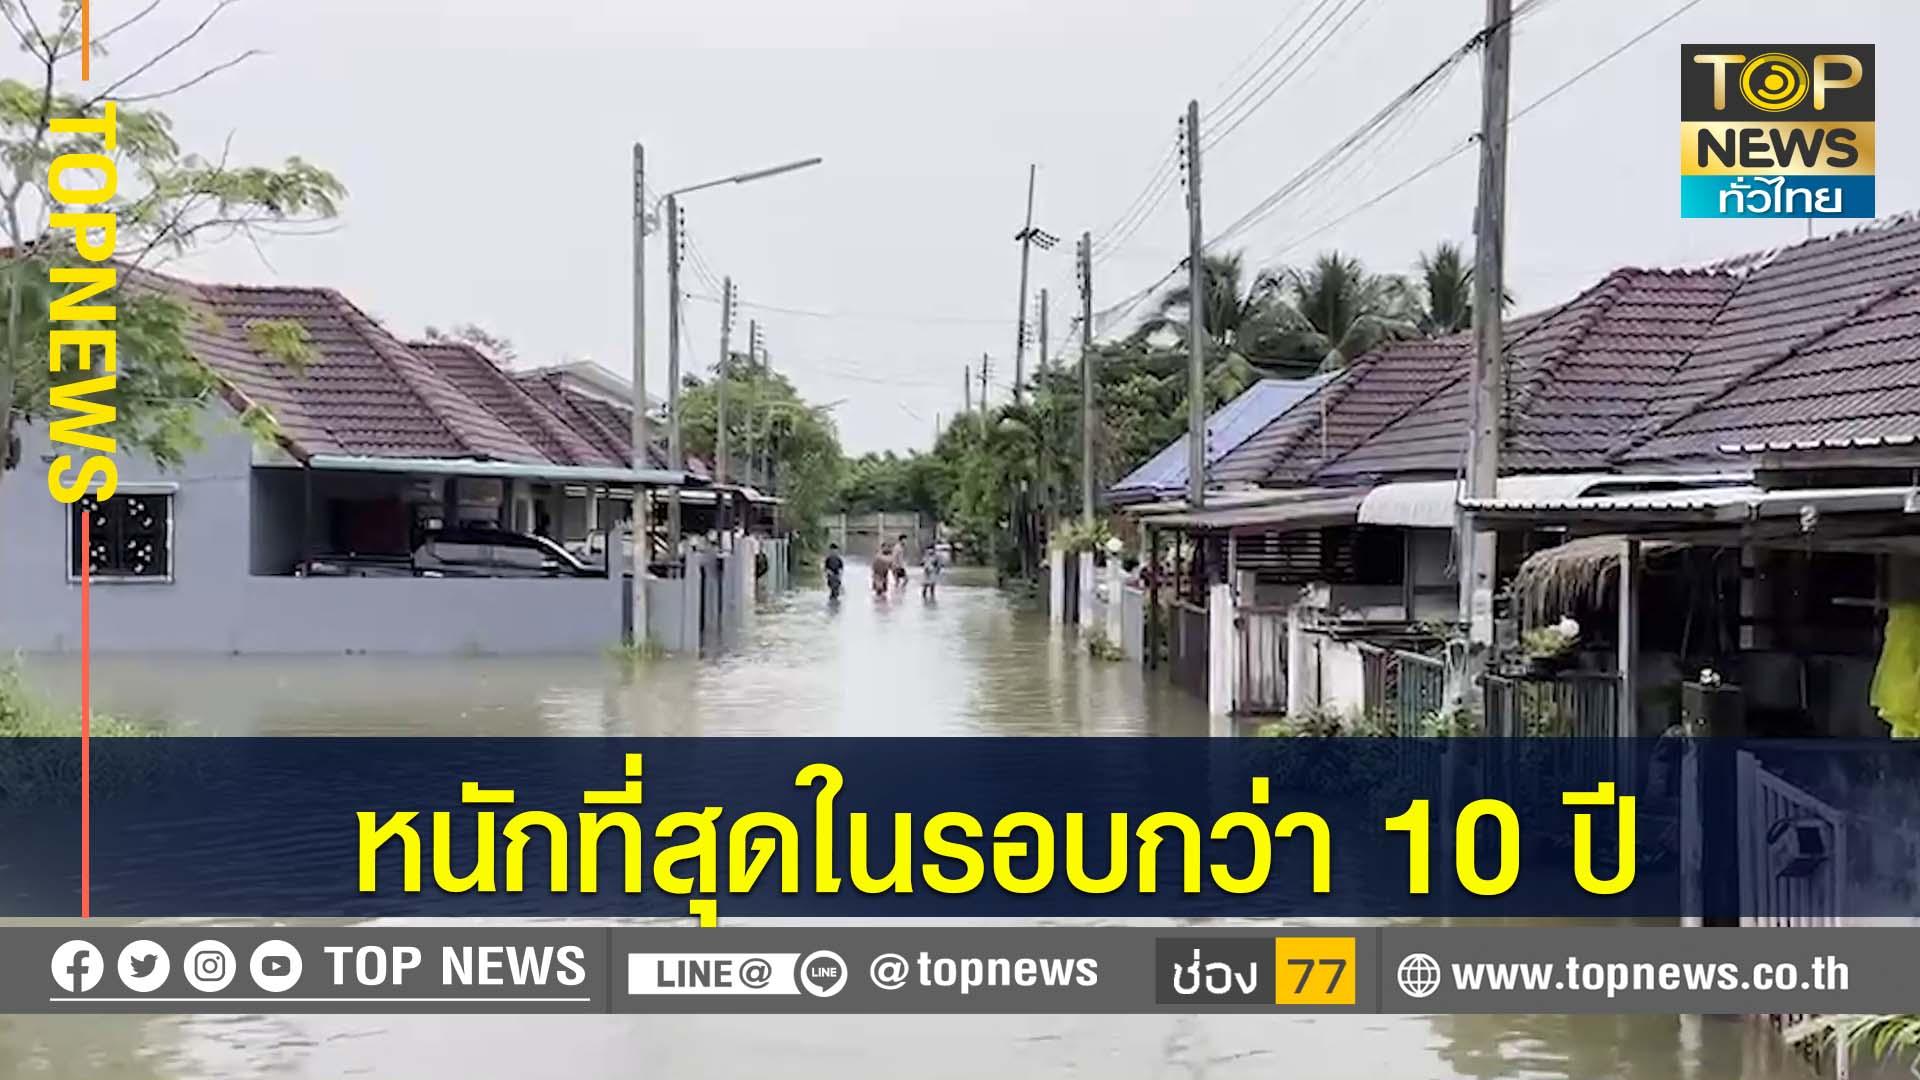 บุรีรัมย์ น้ำฝนไหลทะลักท่วมบ้านจัดสรร กว่า 200 หลัง จมบาดาล